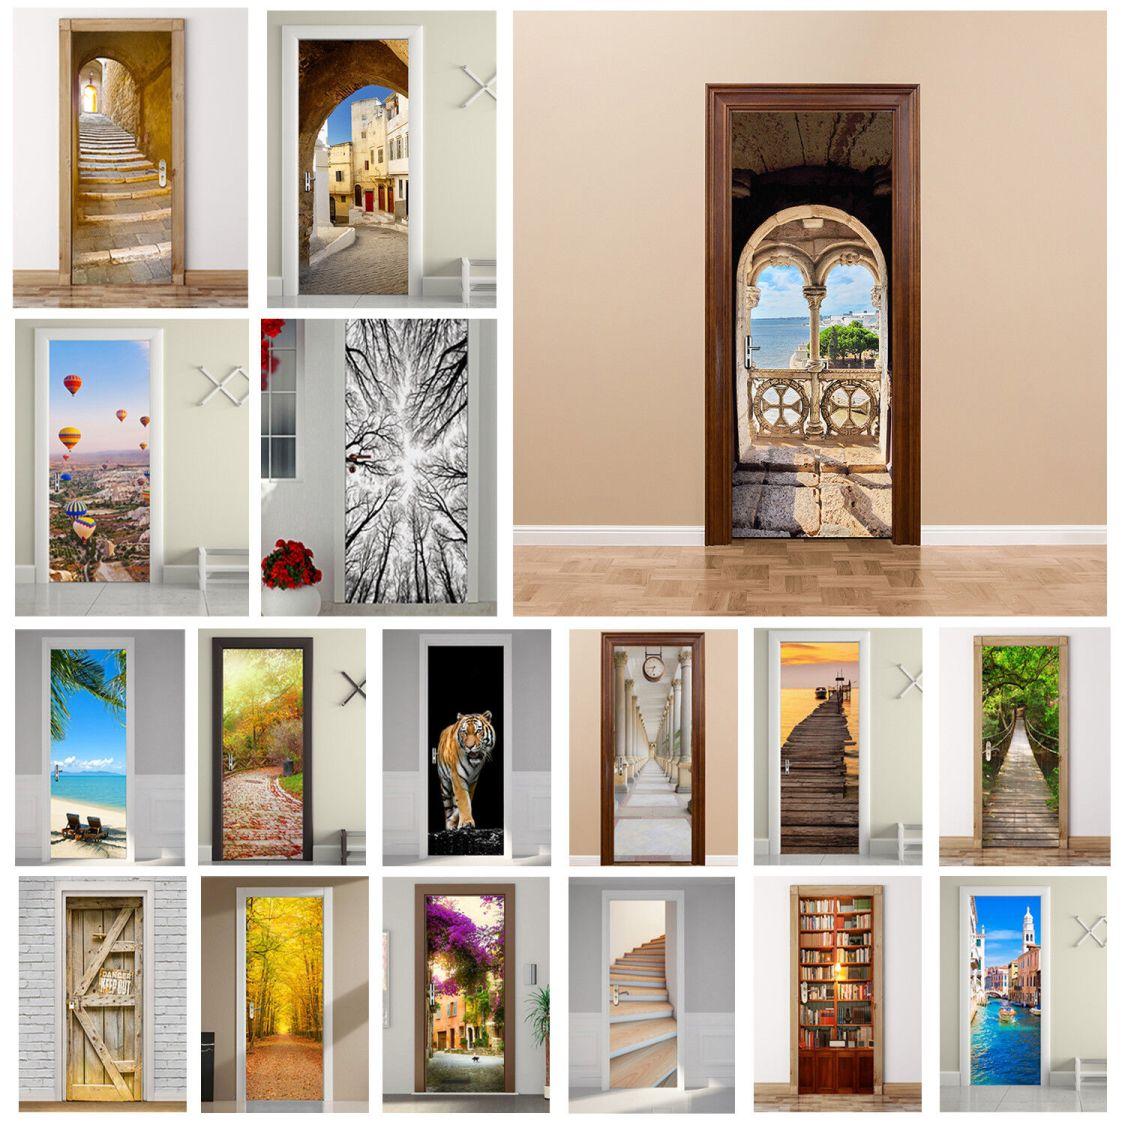 3D Tür Wand Kühlschrank Aufkleber Decals Selbstklebende Landschaft Room Wandbild